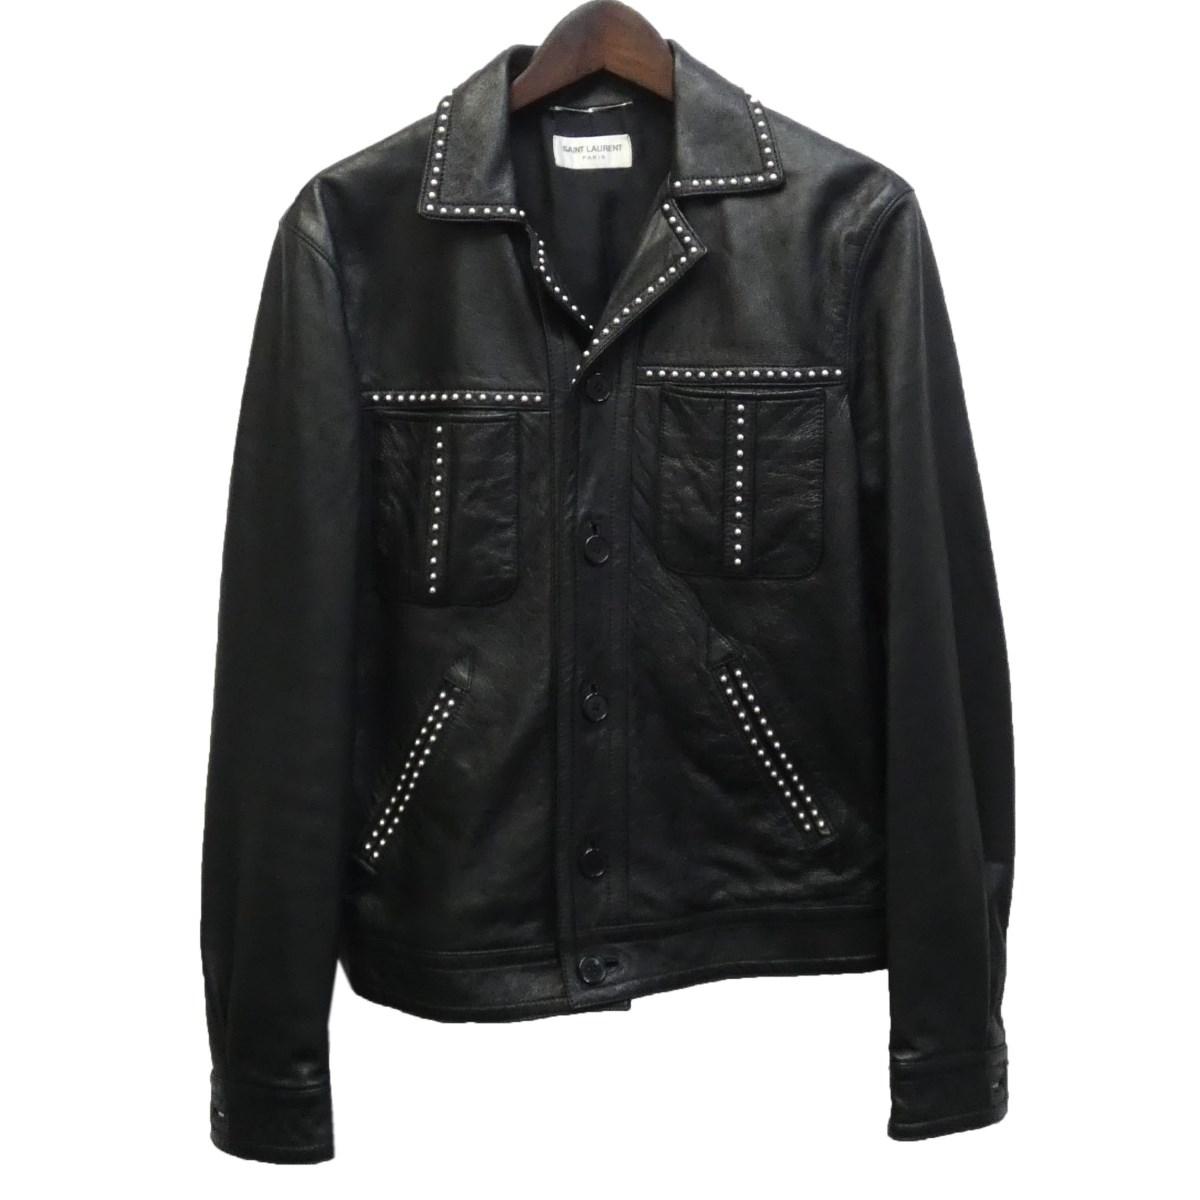 【中古】SAINT LAURENT PARIS 16SS スタッズレザージャケット 409170 ブラック サイズ:42 【150320】(サンローランパリ)